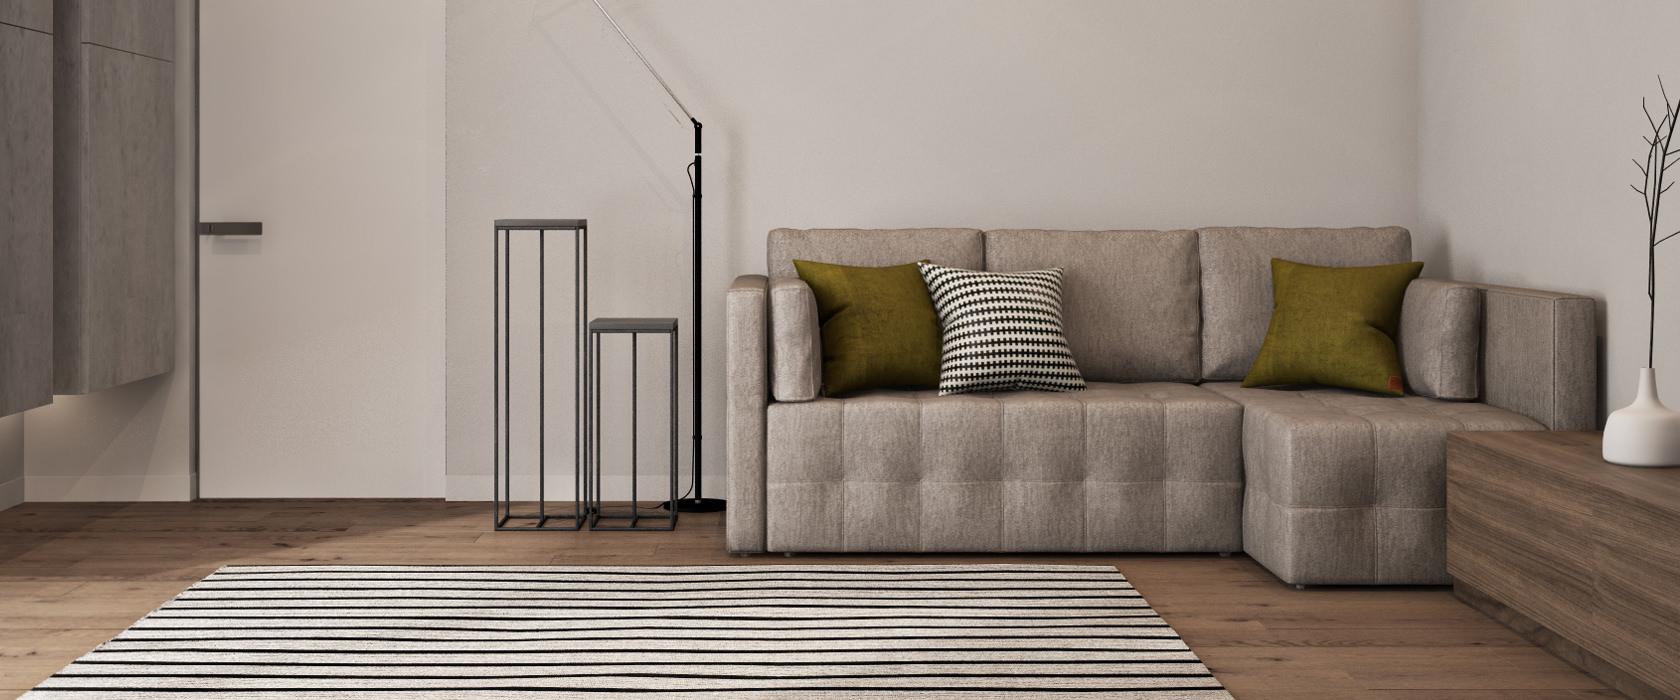 Угловой диван Sofia - Фото 2 - Pufetto